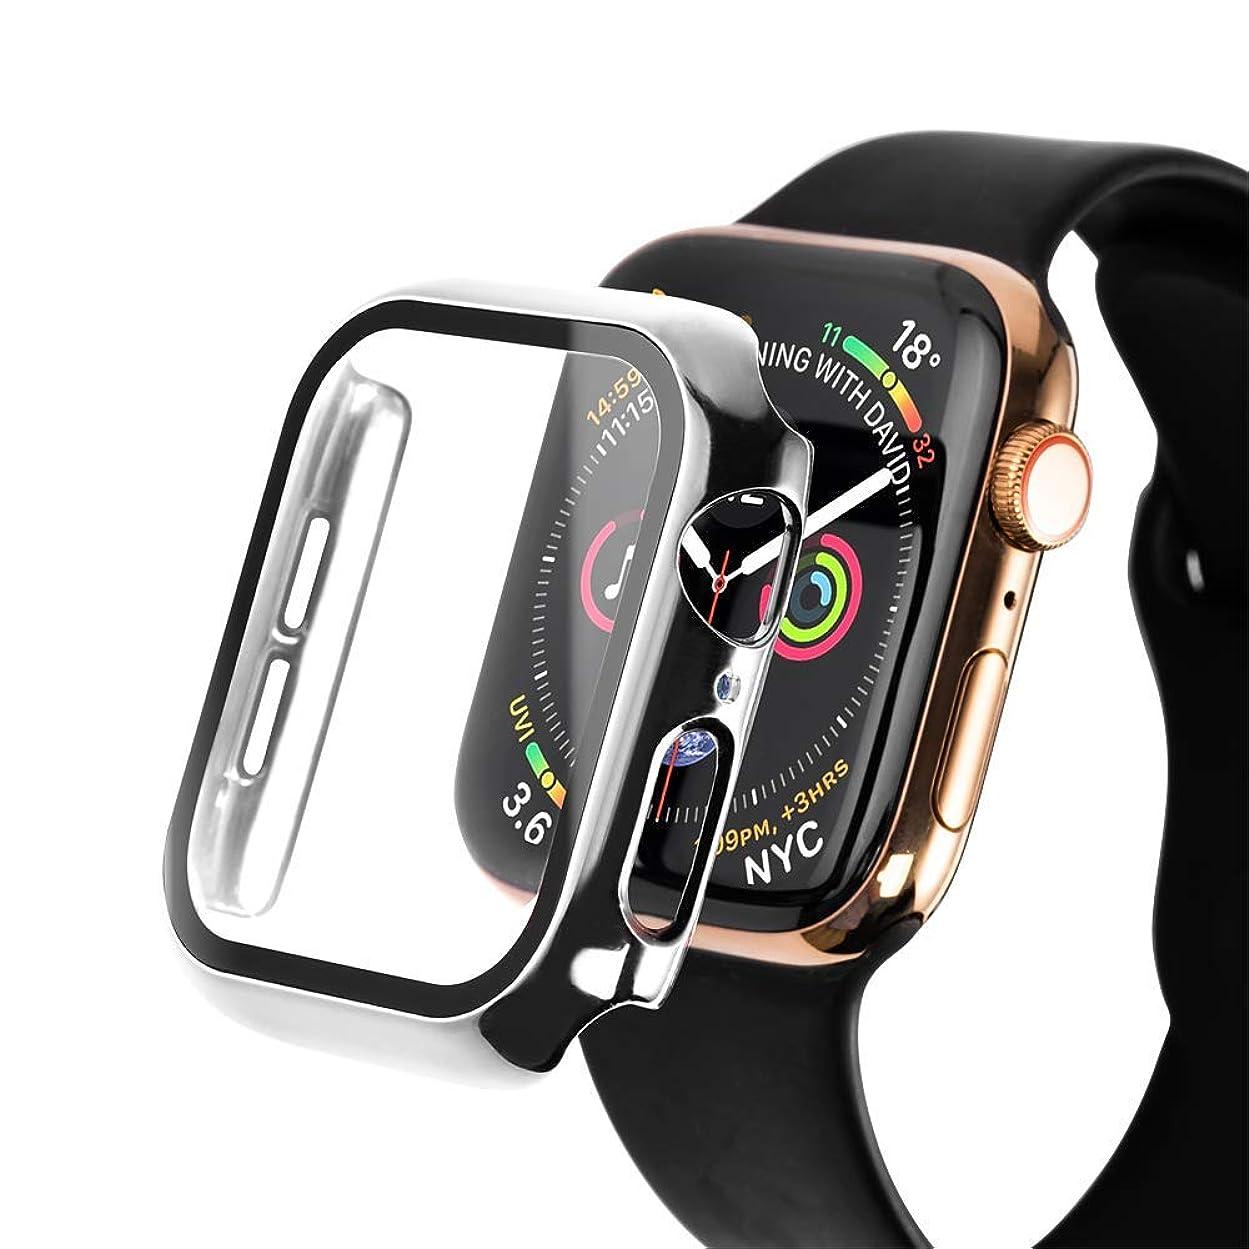 計算する早い光のApple Watch Series 5 40MM ケース【SLEO】液晶保護 軽量 耐久性 時計ウォッチケース 耐衝撃 PCスクリーン 全面保護 Apple Watch シリーズ 5 カバー (40mm 銀色)